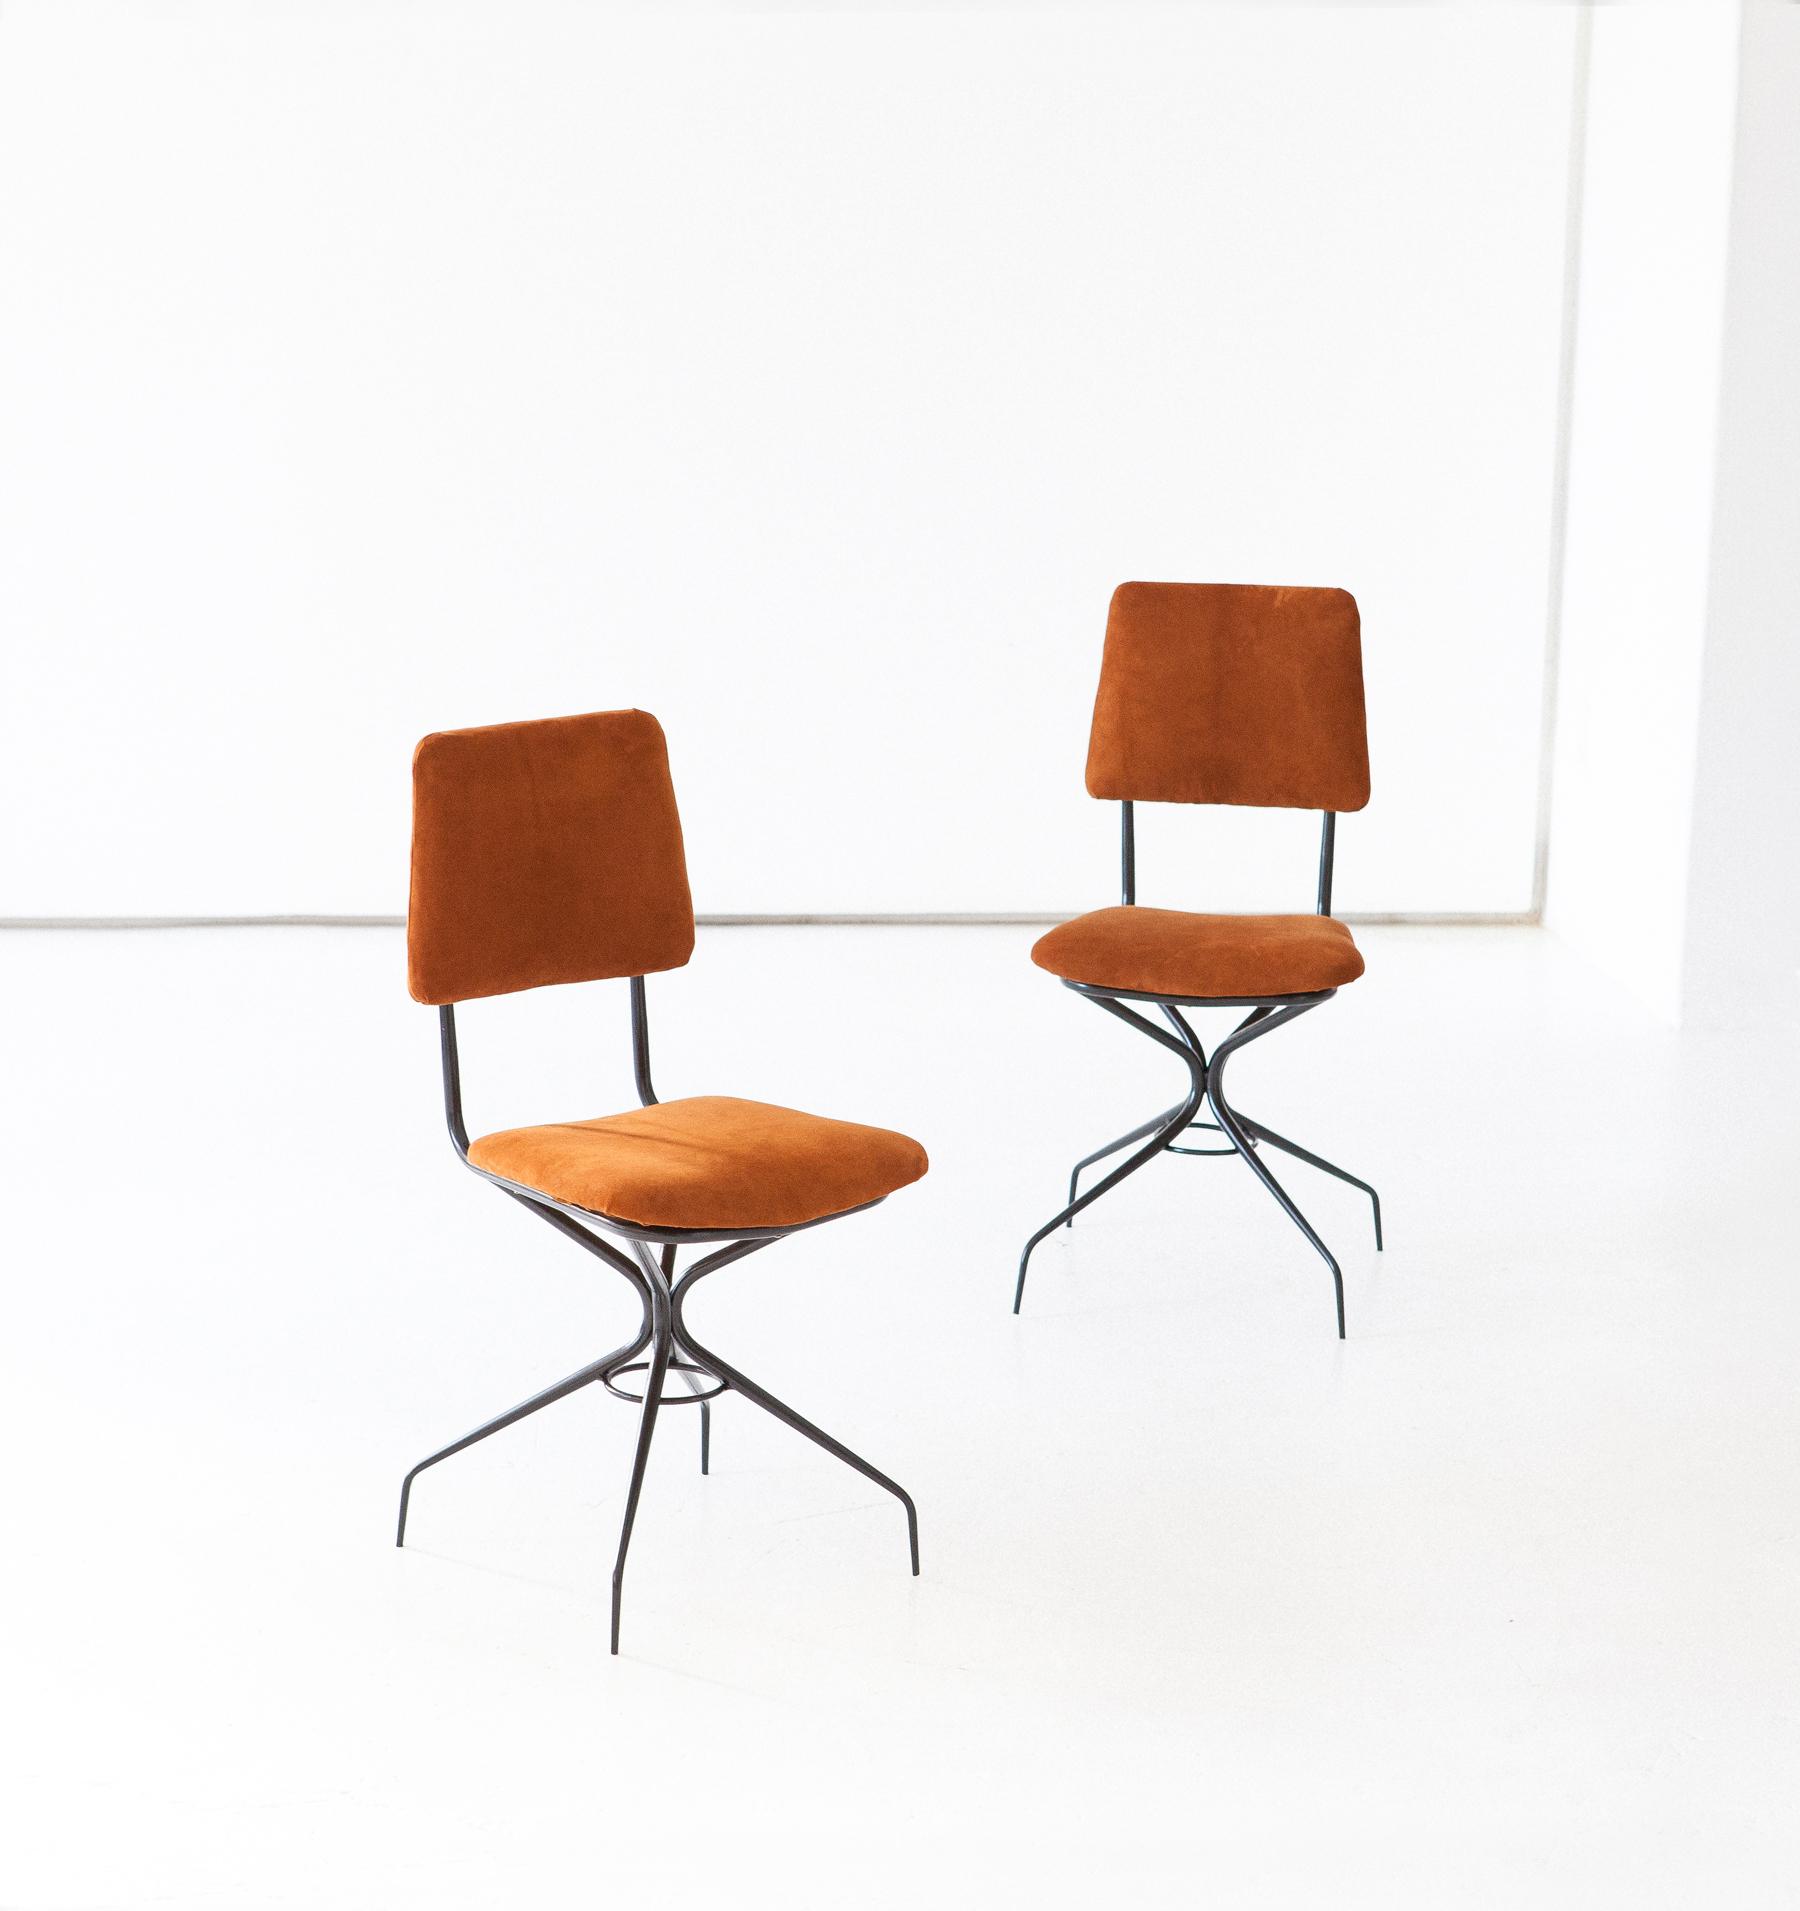 seating-275.2x